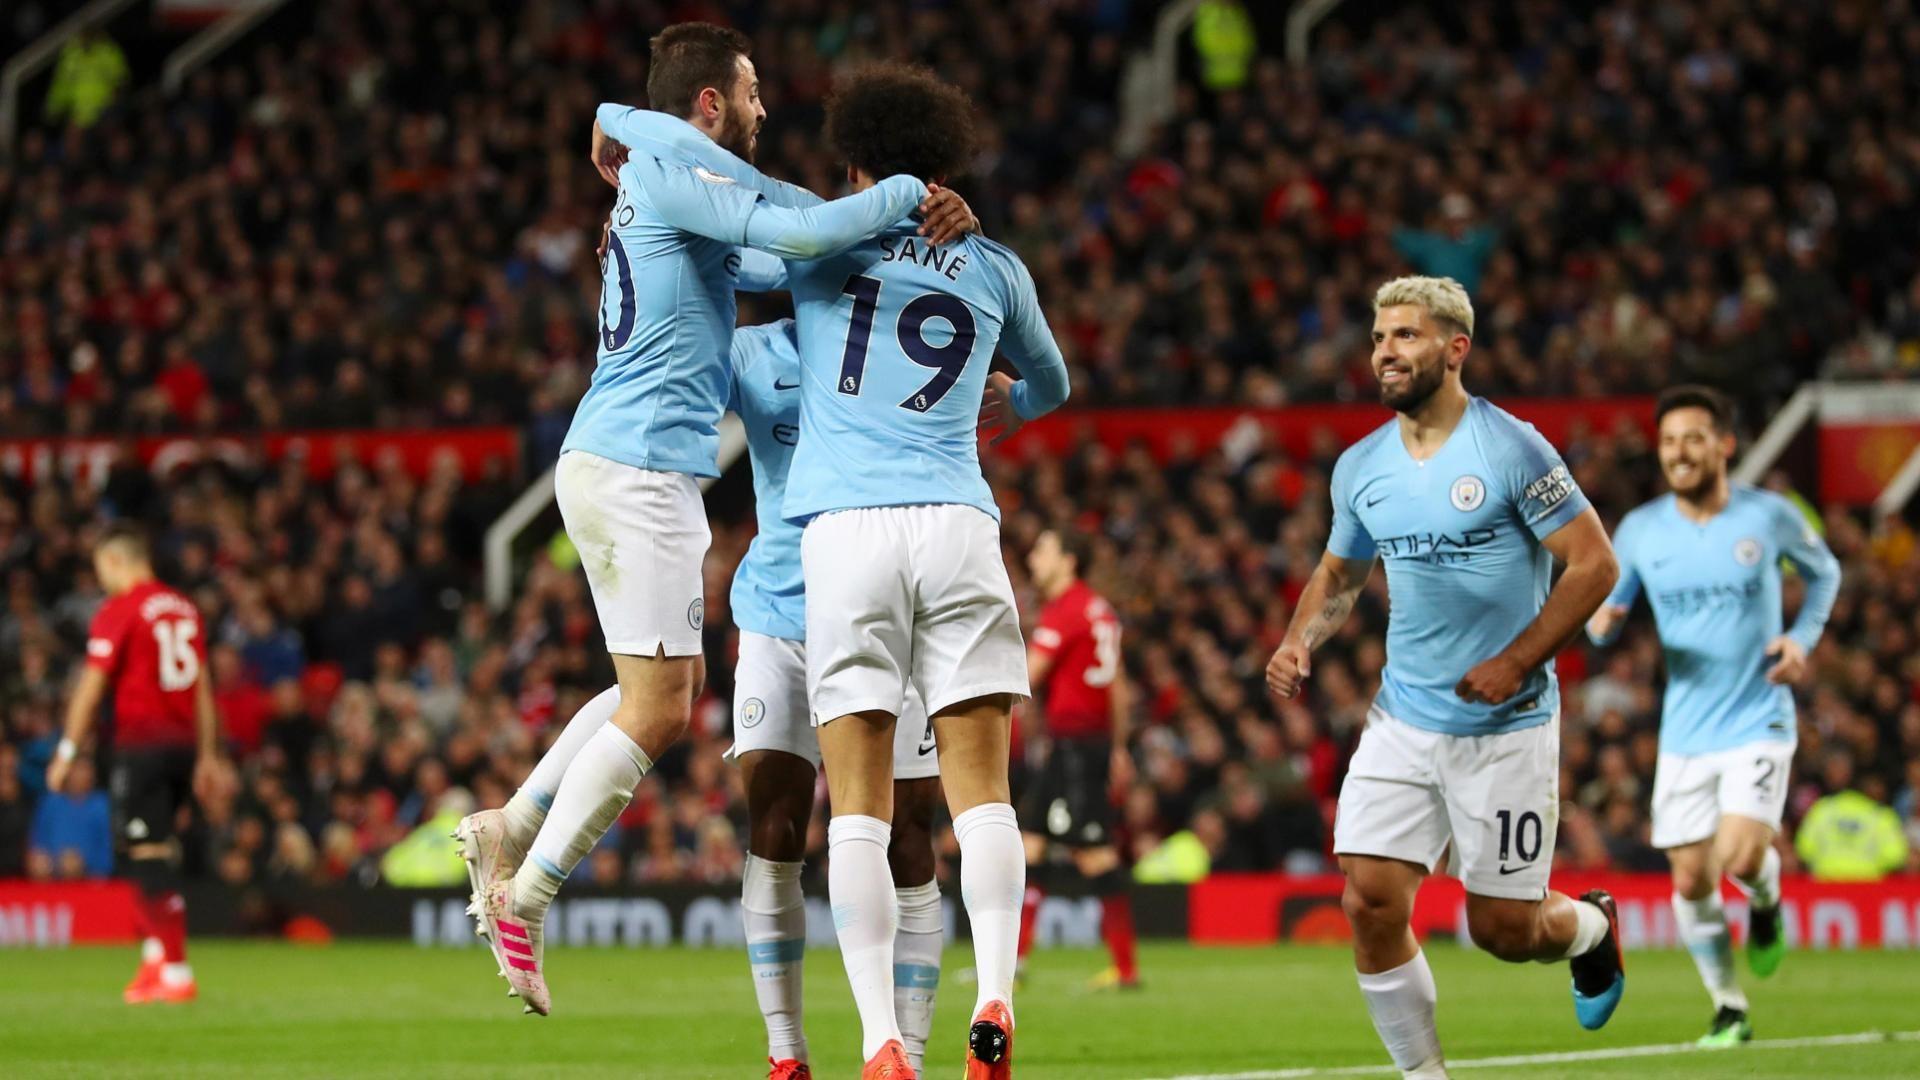 ¡SANÉ LIQUIDA EL CLASICO! El City gana 2-0 en Old Trafford